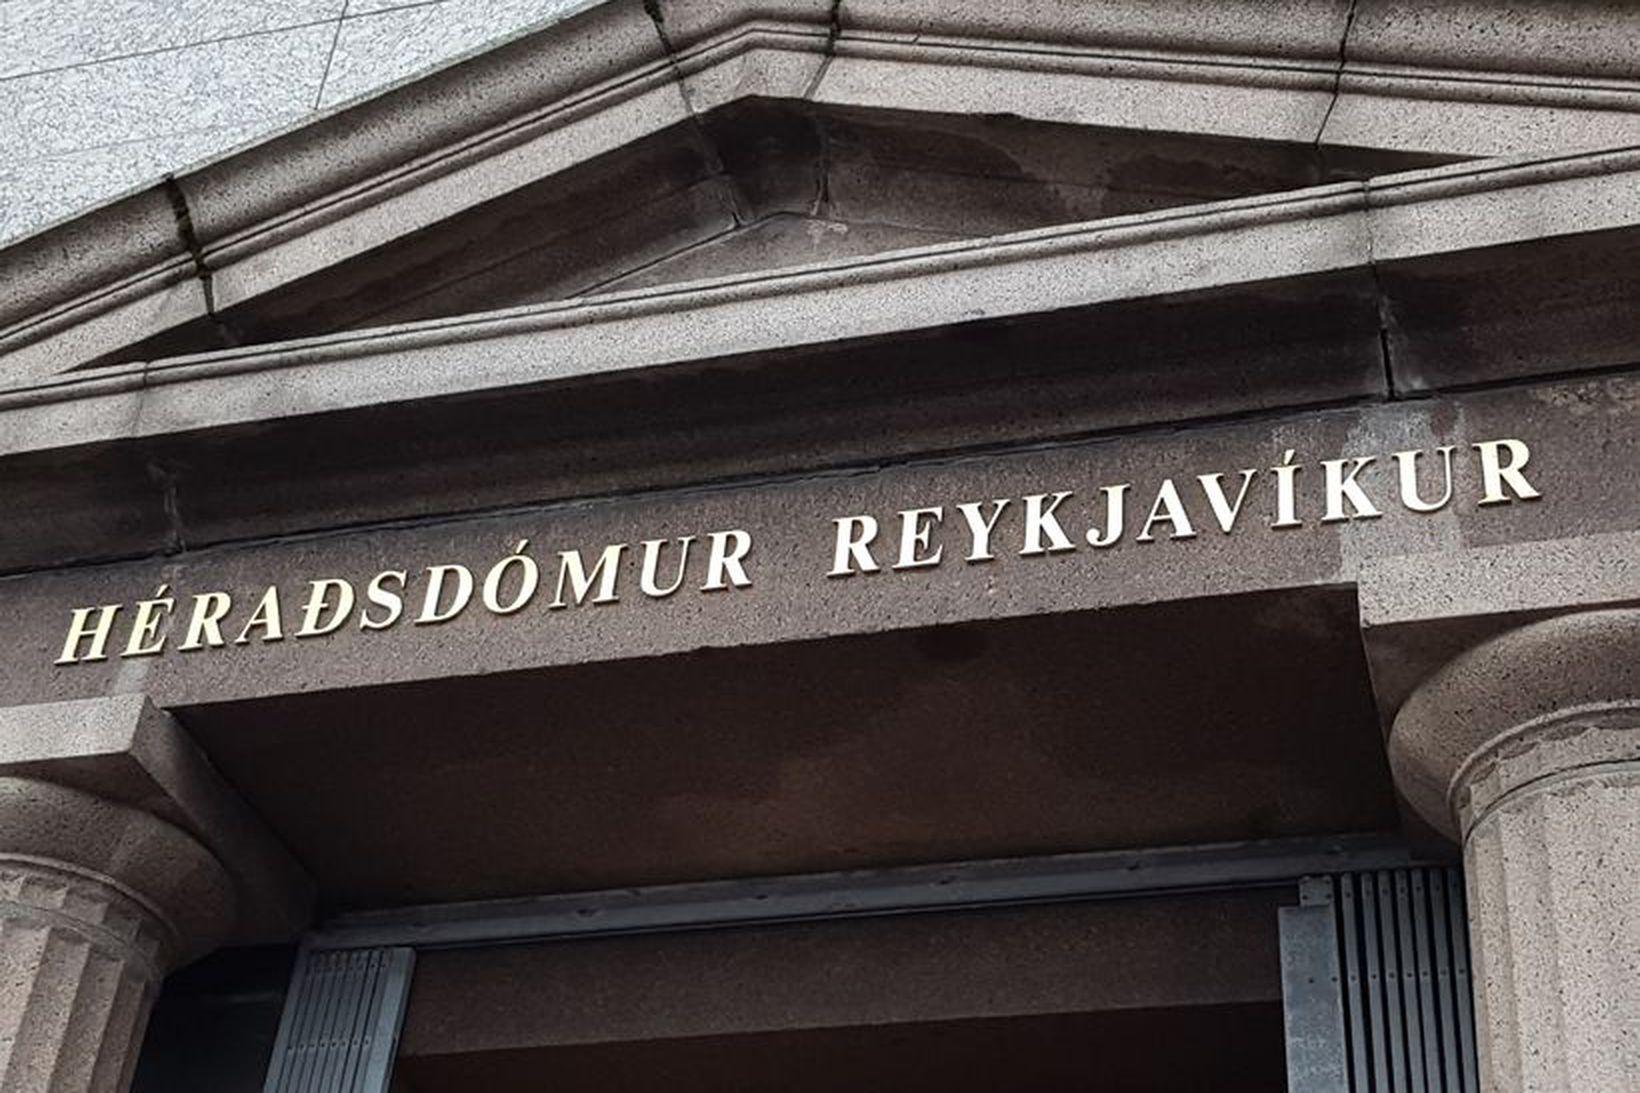 Málið verður þingfest í Héraðsdómi Reykjavíkur í upphafi næstu viku.